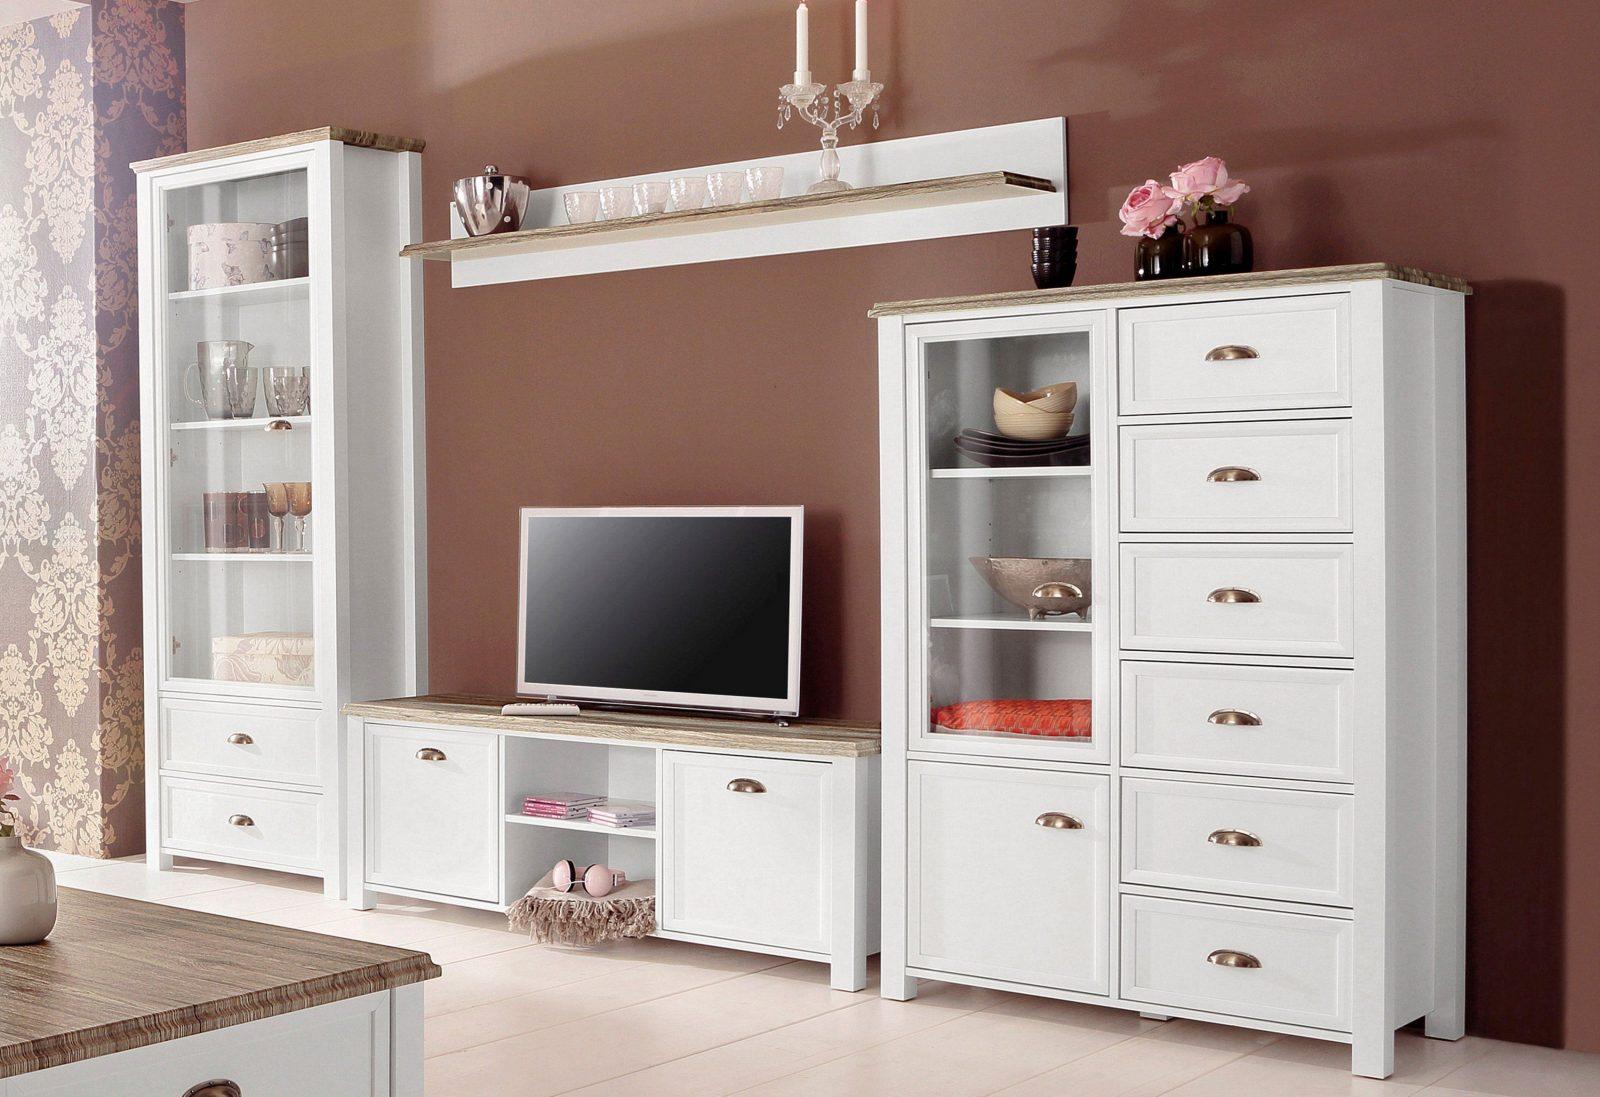 Zeitgenössisch Wohnwand Auf Raten Baur Möbel Serie Chateau Bestellen von Wohnwand Auf Raten Kaufen Photo